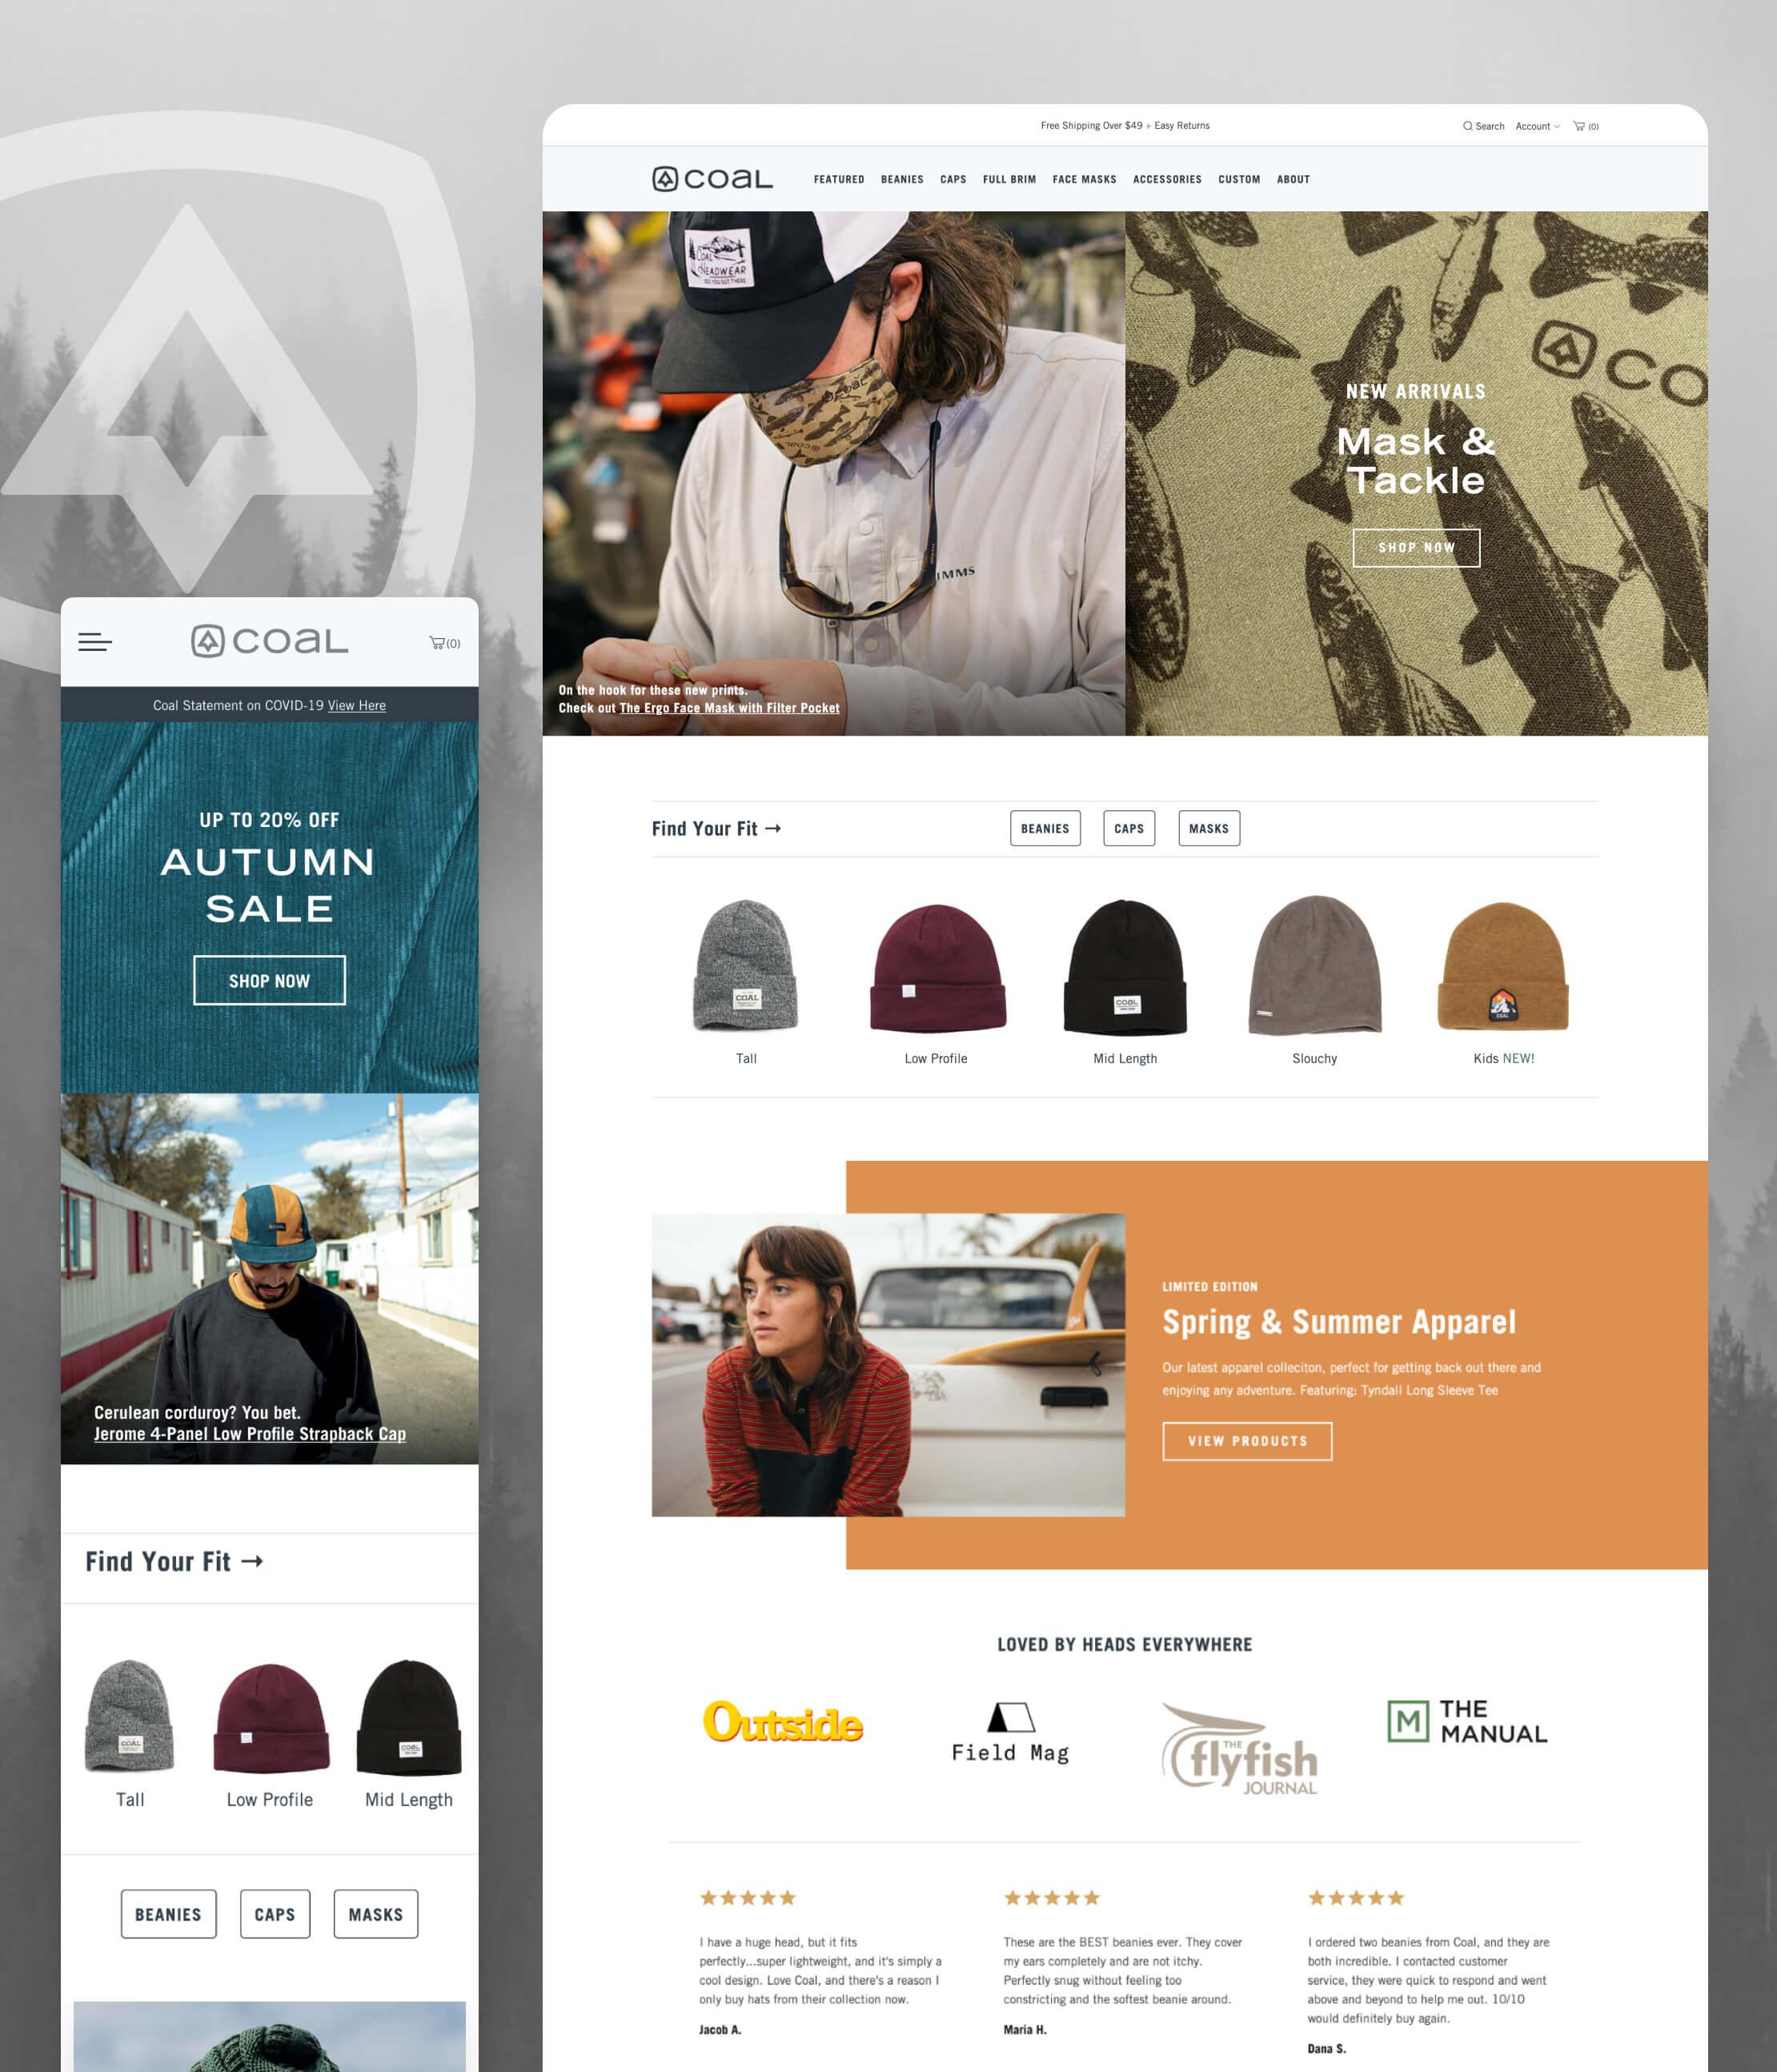 Desktop & mobile screen captures of Coal Headwear's website pages.